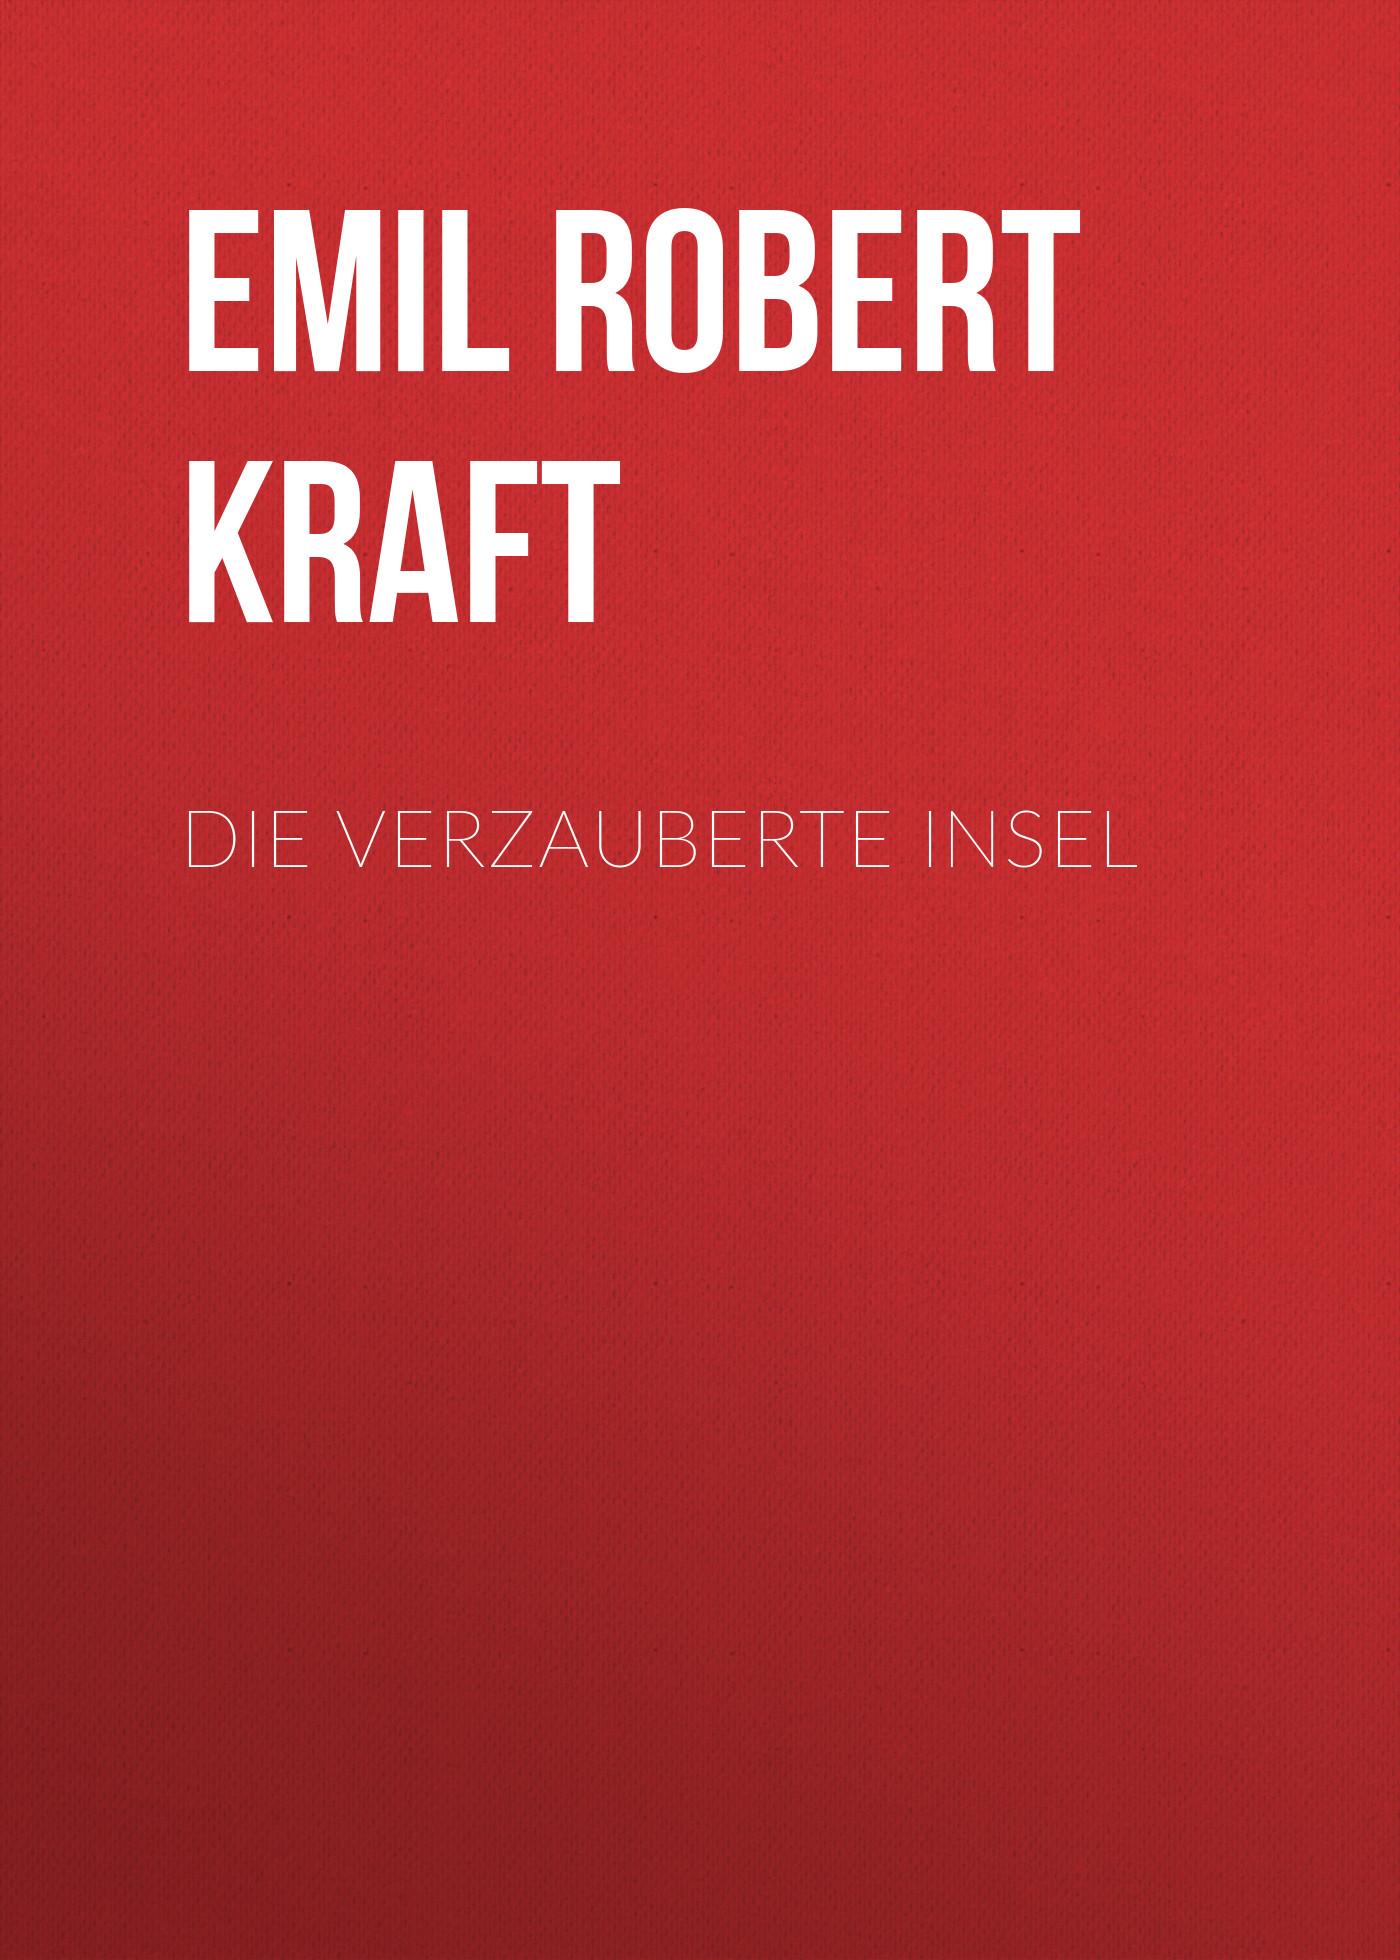 Emil Robert Kraft Die verzauberte Insel